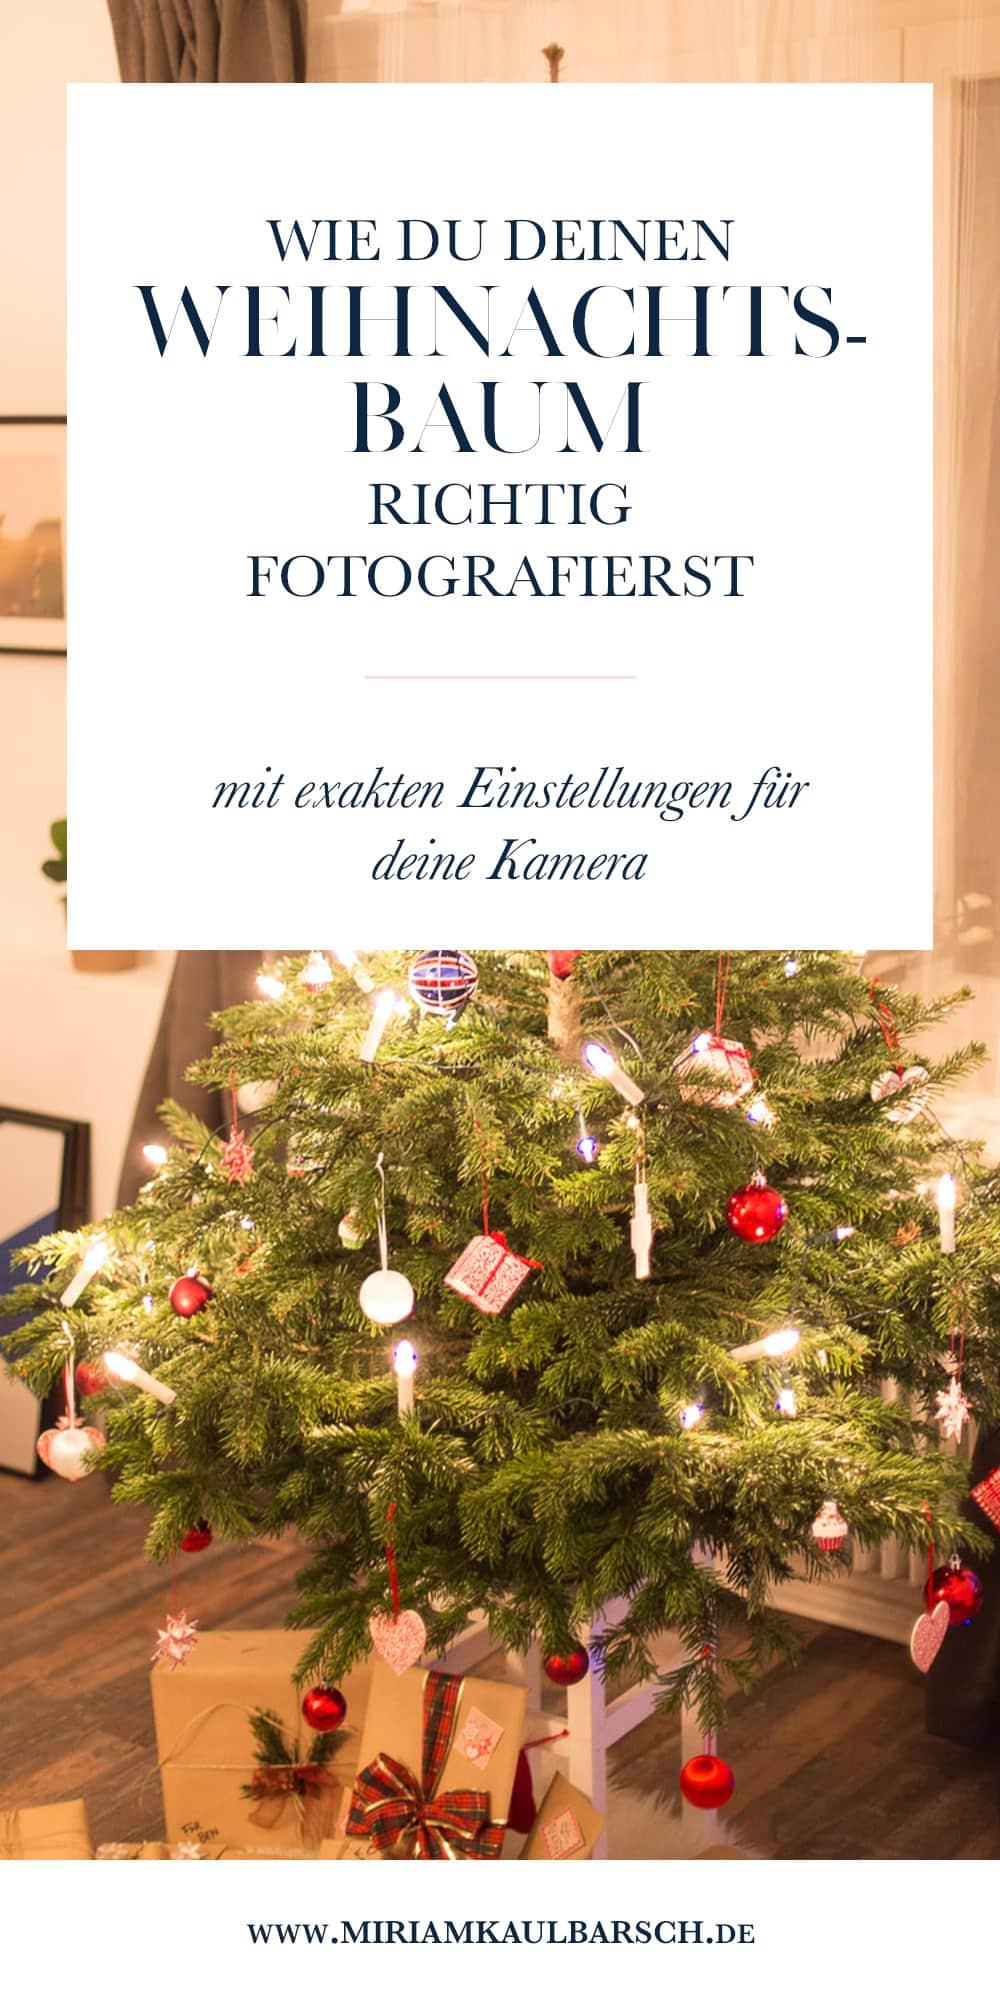 Wie du deinen Weihnachtsbaum fotografierst - mit exakten Einstellungen für deine Kamera!